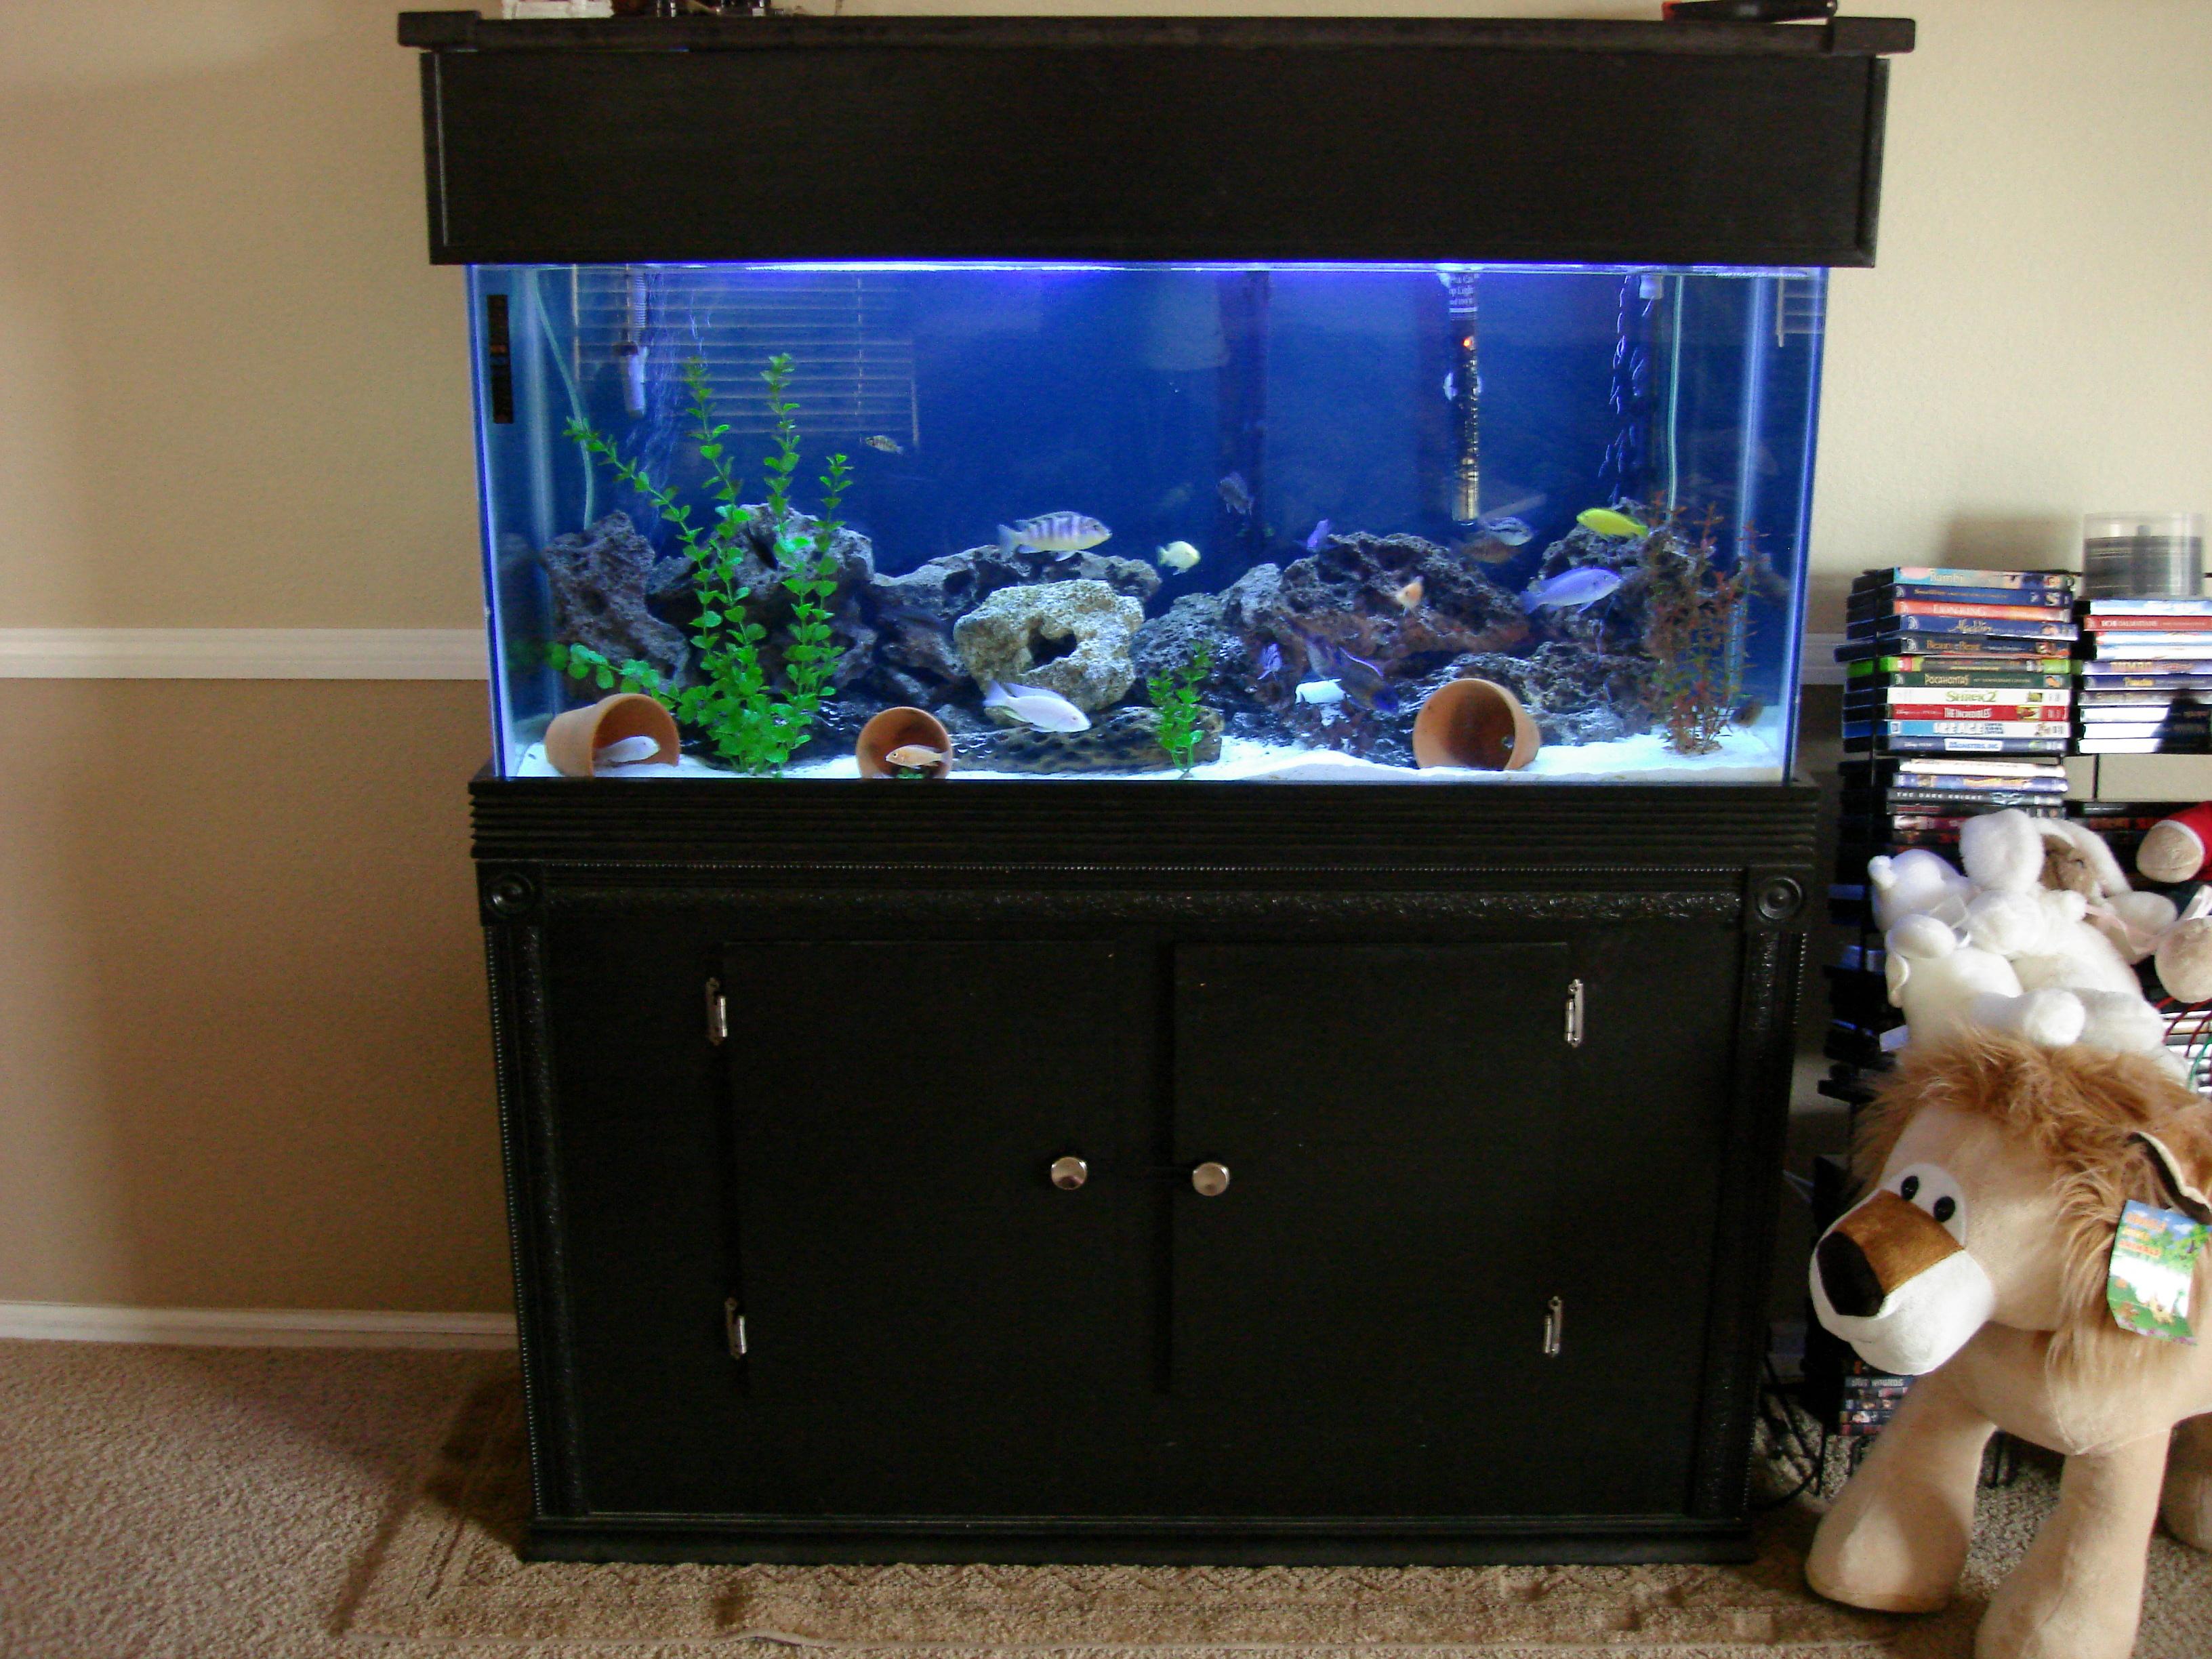 Gl Canopy Aquarium 1000 Ideas & 55 Gallon Aquarium Canopy - 1000+ Aquarium Ideas